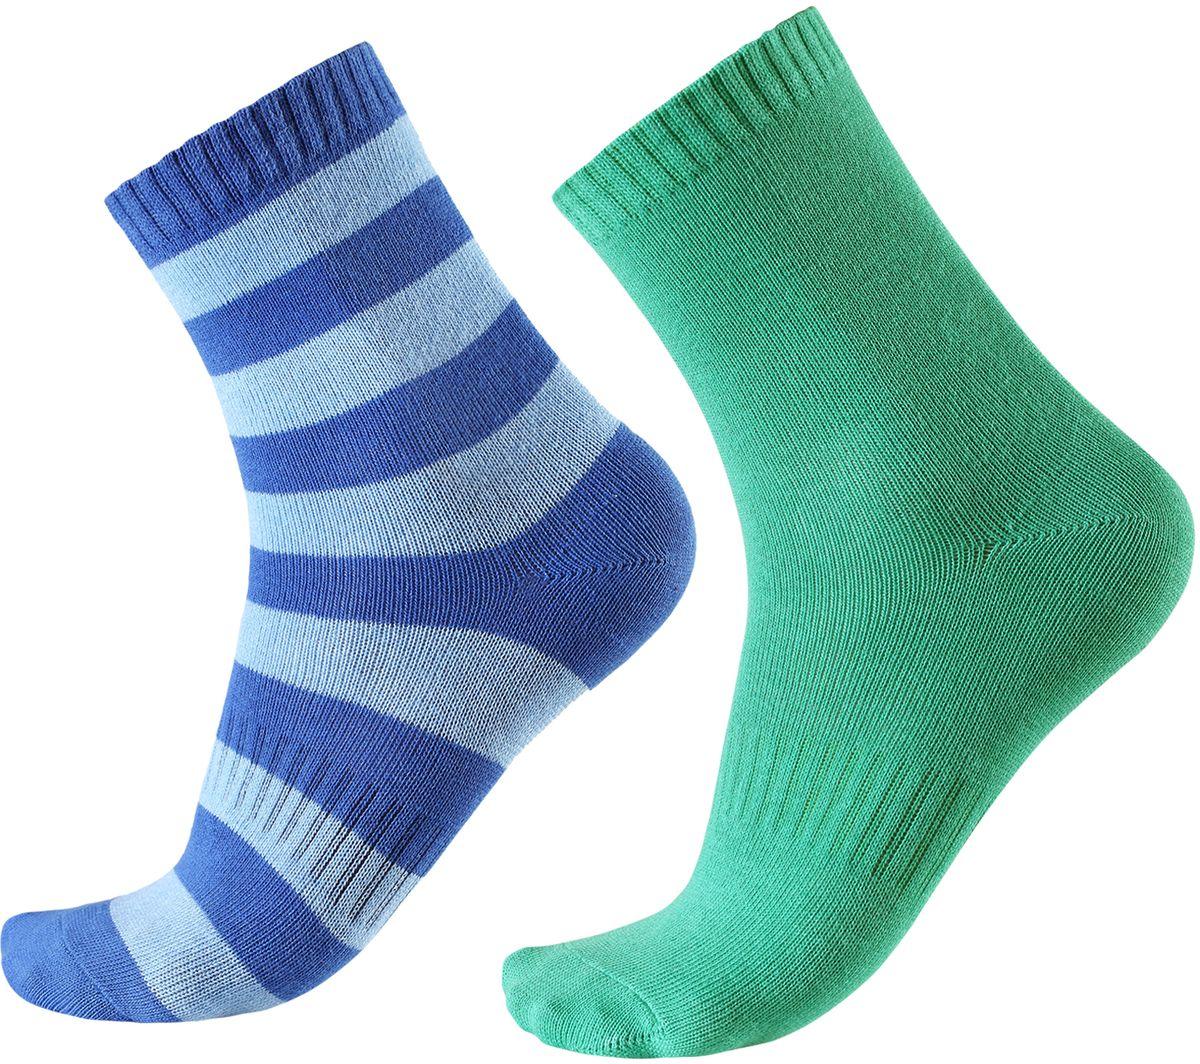 Носки детские Reima Colombo, цвет: зеленый, синий, голубой. 527267-6530. Размер 26/29527267-6530В носках из смеси Coolmax детским ножкам будет тепло и уютно. Смесь Coolmax с хлопком превосходно подходит для занятий спортом и подвижных игр на свежем воздухе, поскольку эффективно выводит влагу с кожи и не вызывает потливости. Этот материал дышит и быстро сохнет. Легкая летняя модель без ворсового усиления.